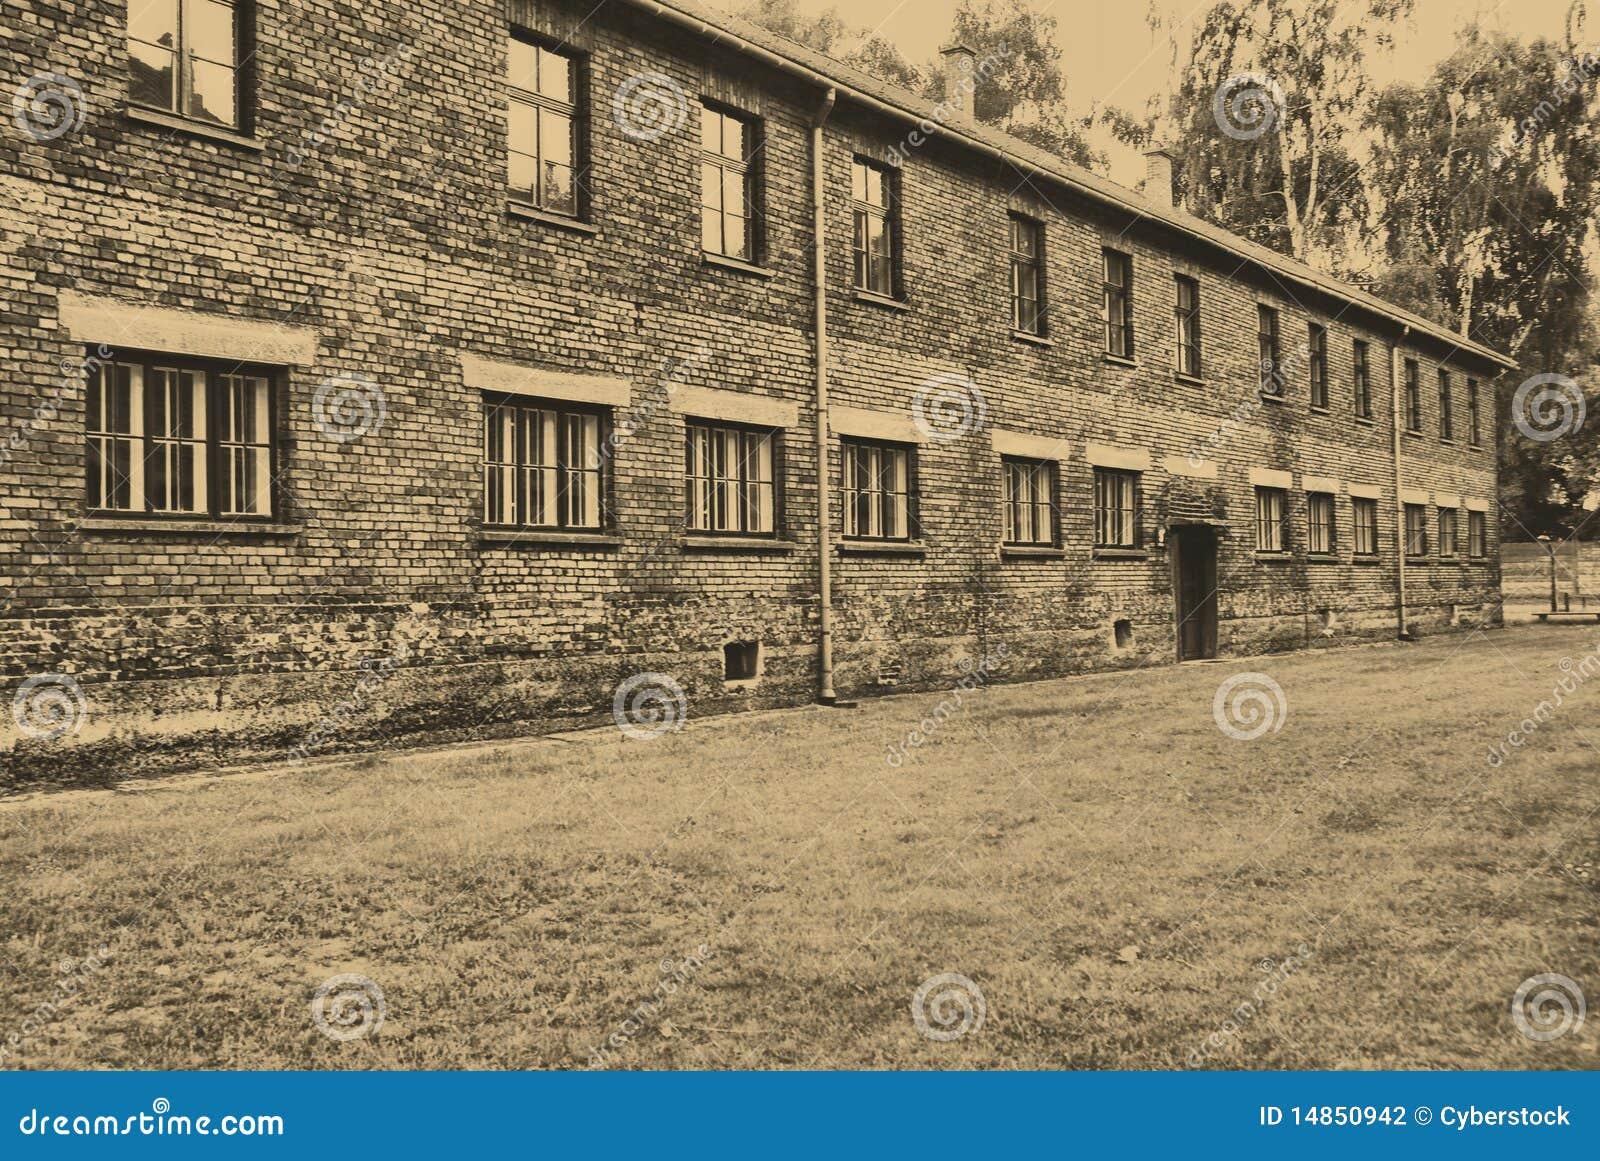 Auschwitz Birkenau camp